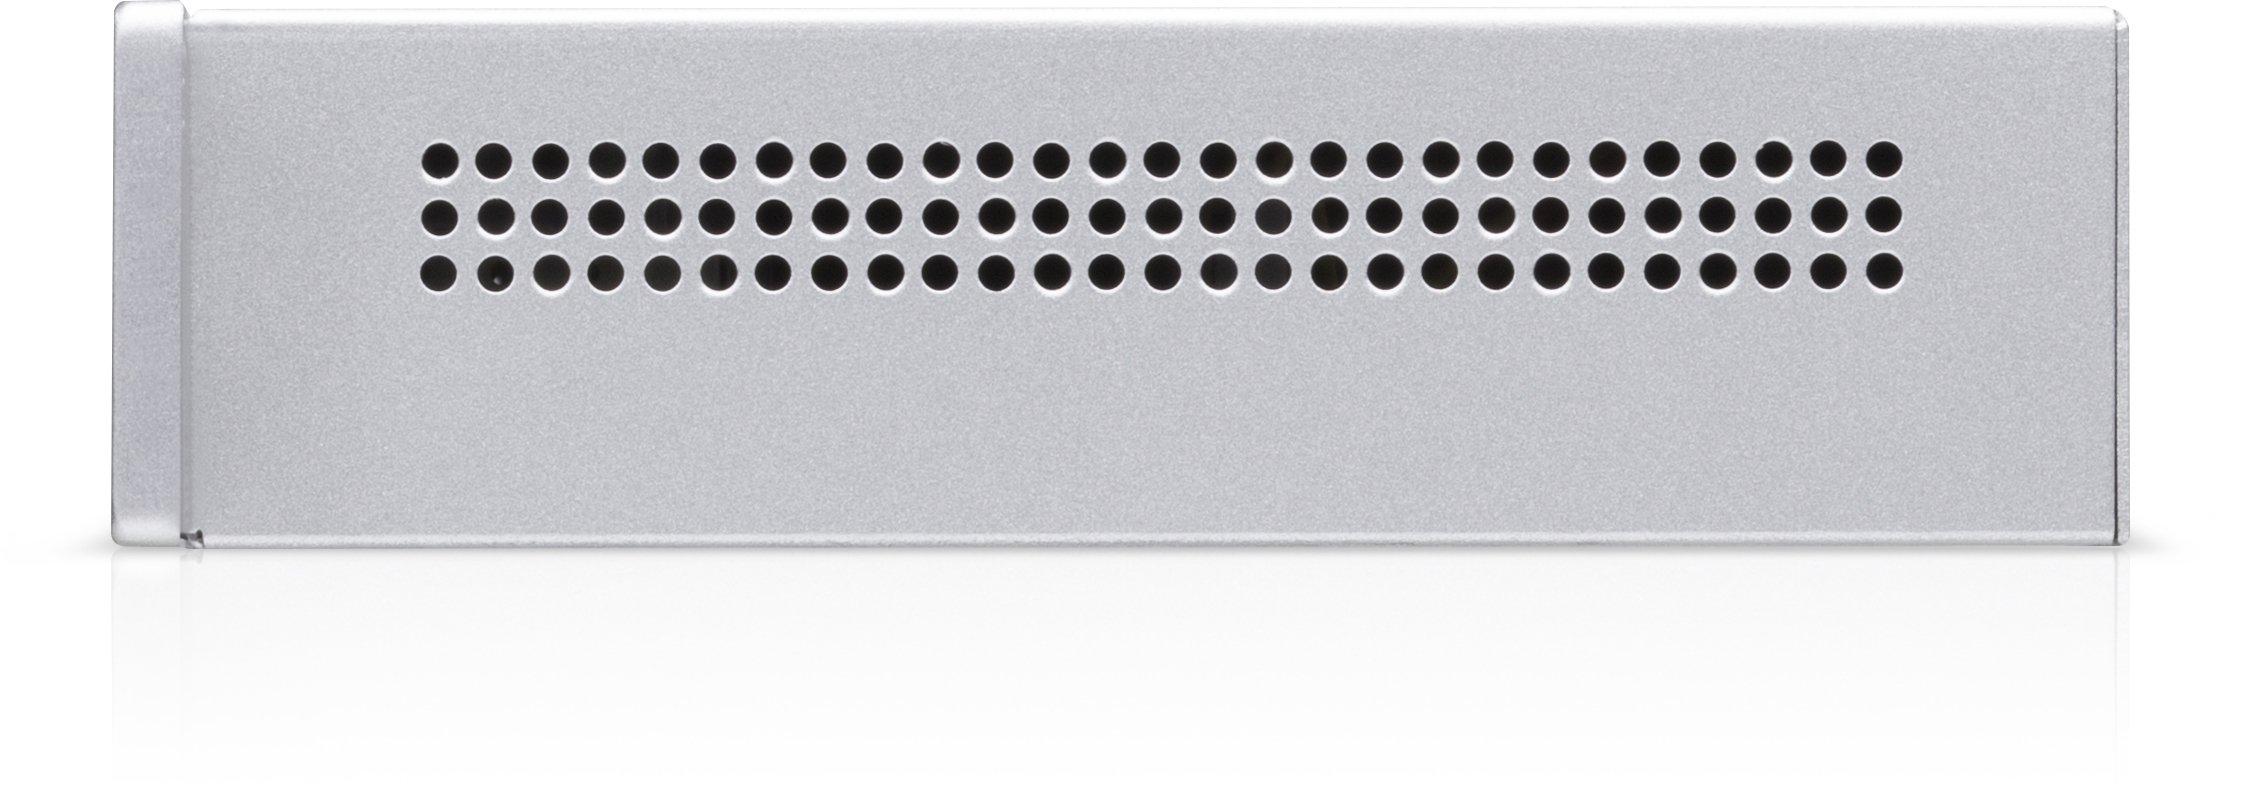 Unifi Security Gateway Pro 4-Port 4 Rack mount design Convenient VLAN support Form Factor: Rack-mountable